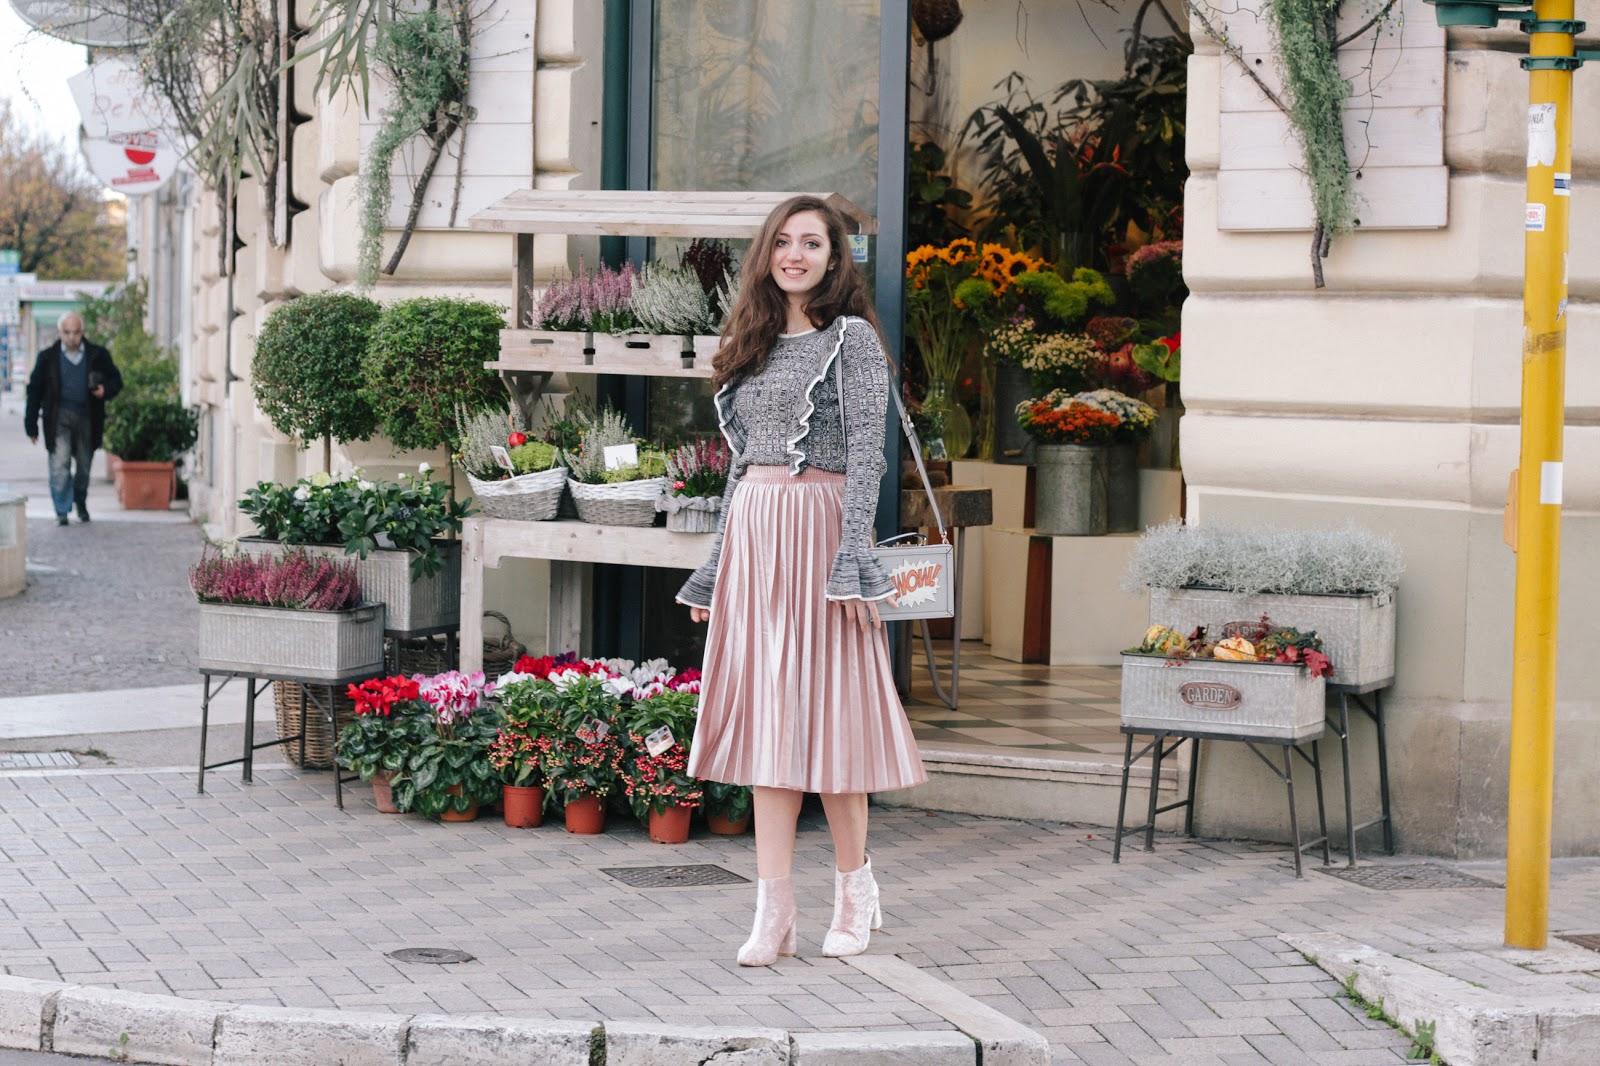 Tutte pazze per il VELLUTO: la TENDENZA più glamour dell'autunno!